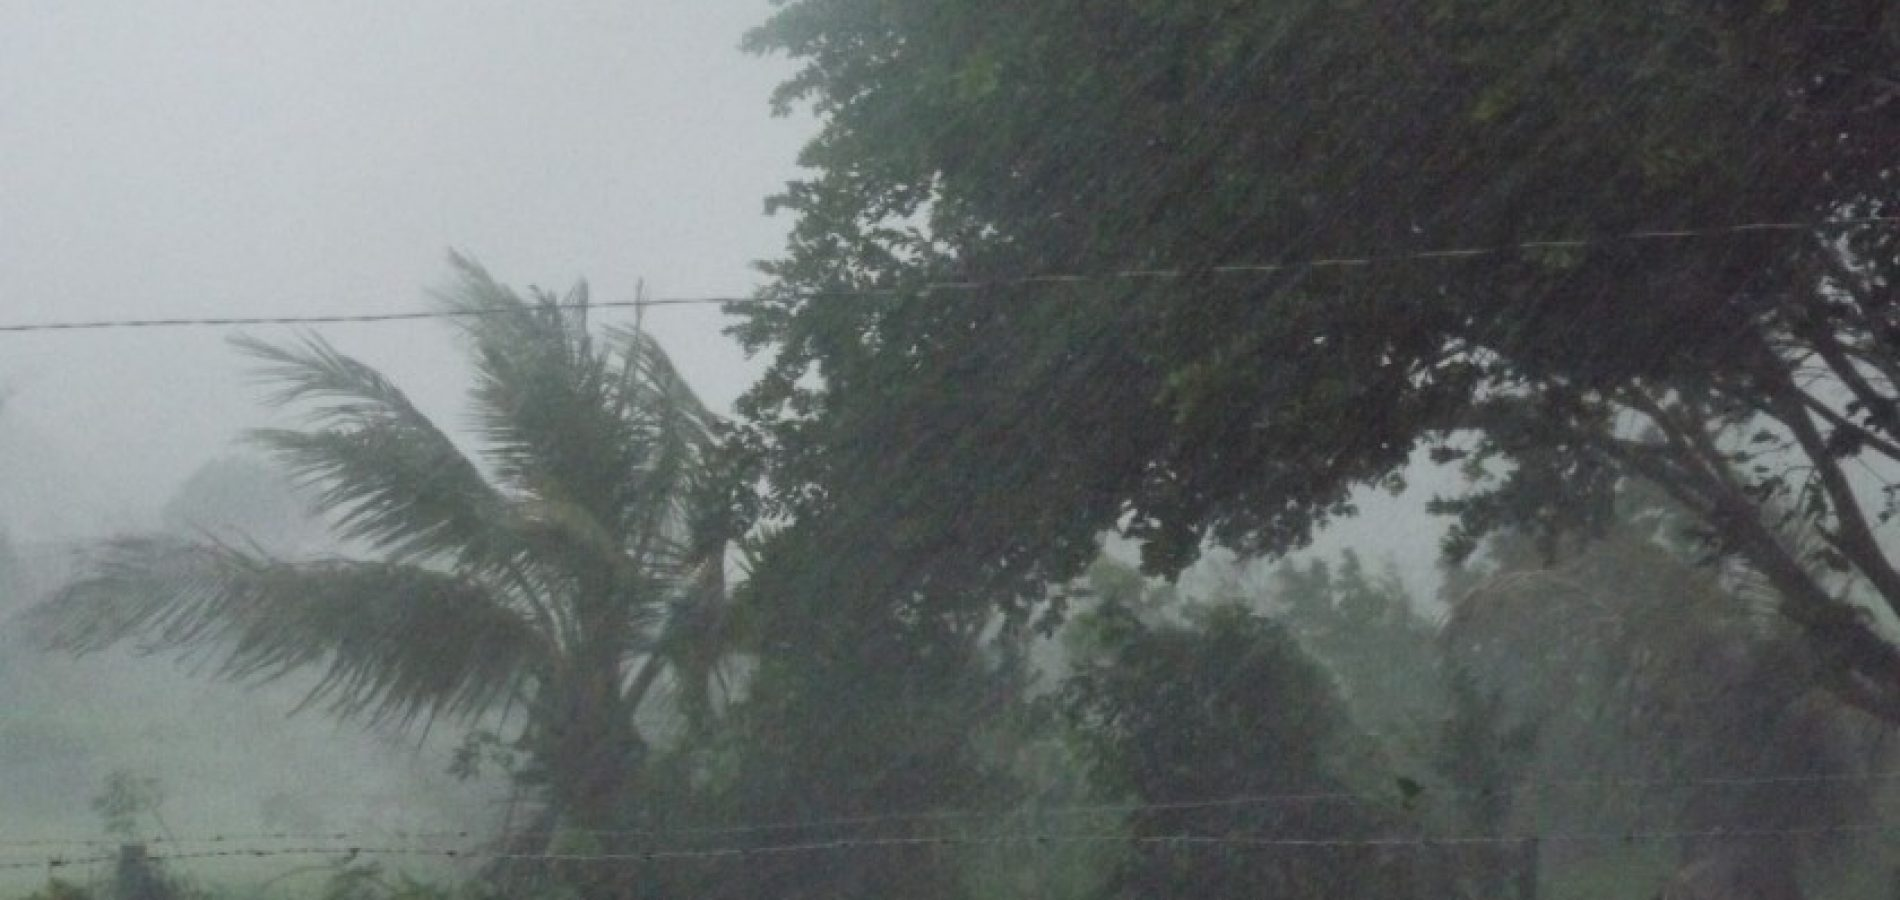 Instituto de Meteorologia alerta para chuvas intensas na região Centro-Norte e Sul do Piauí